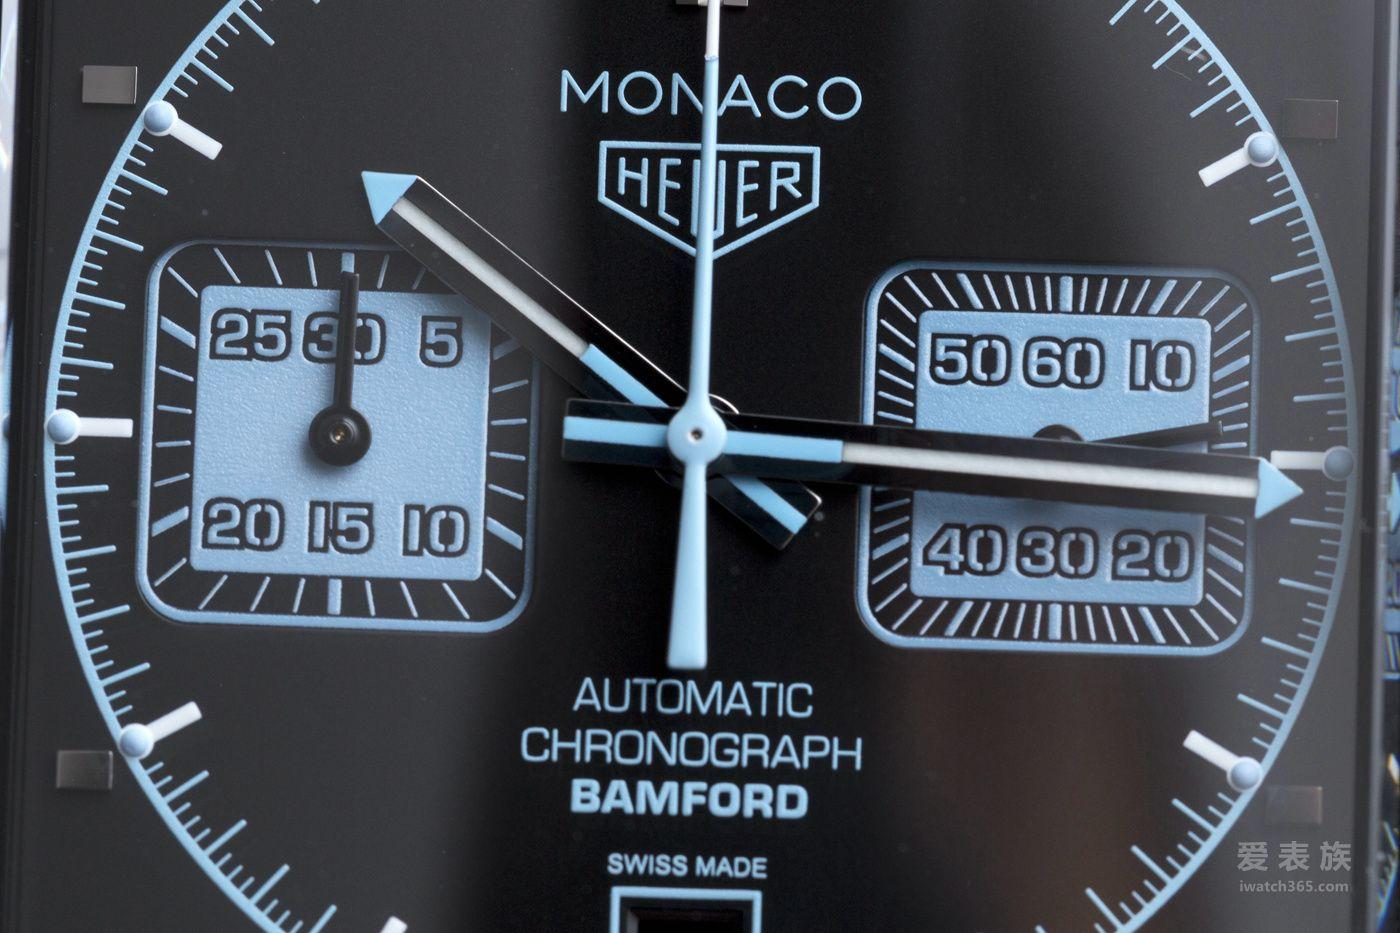 摩纳哥系列Bamford腕表